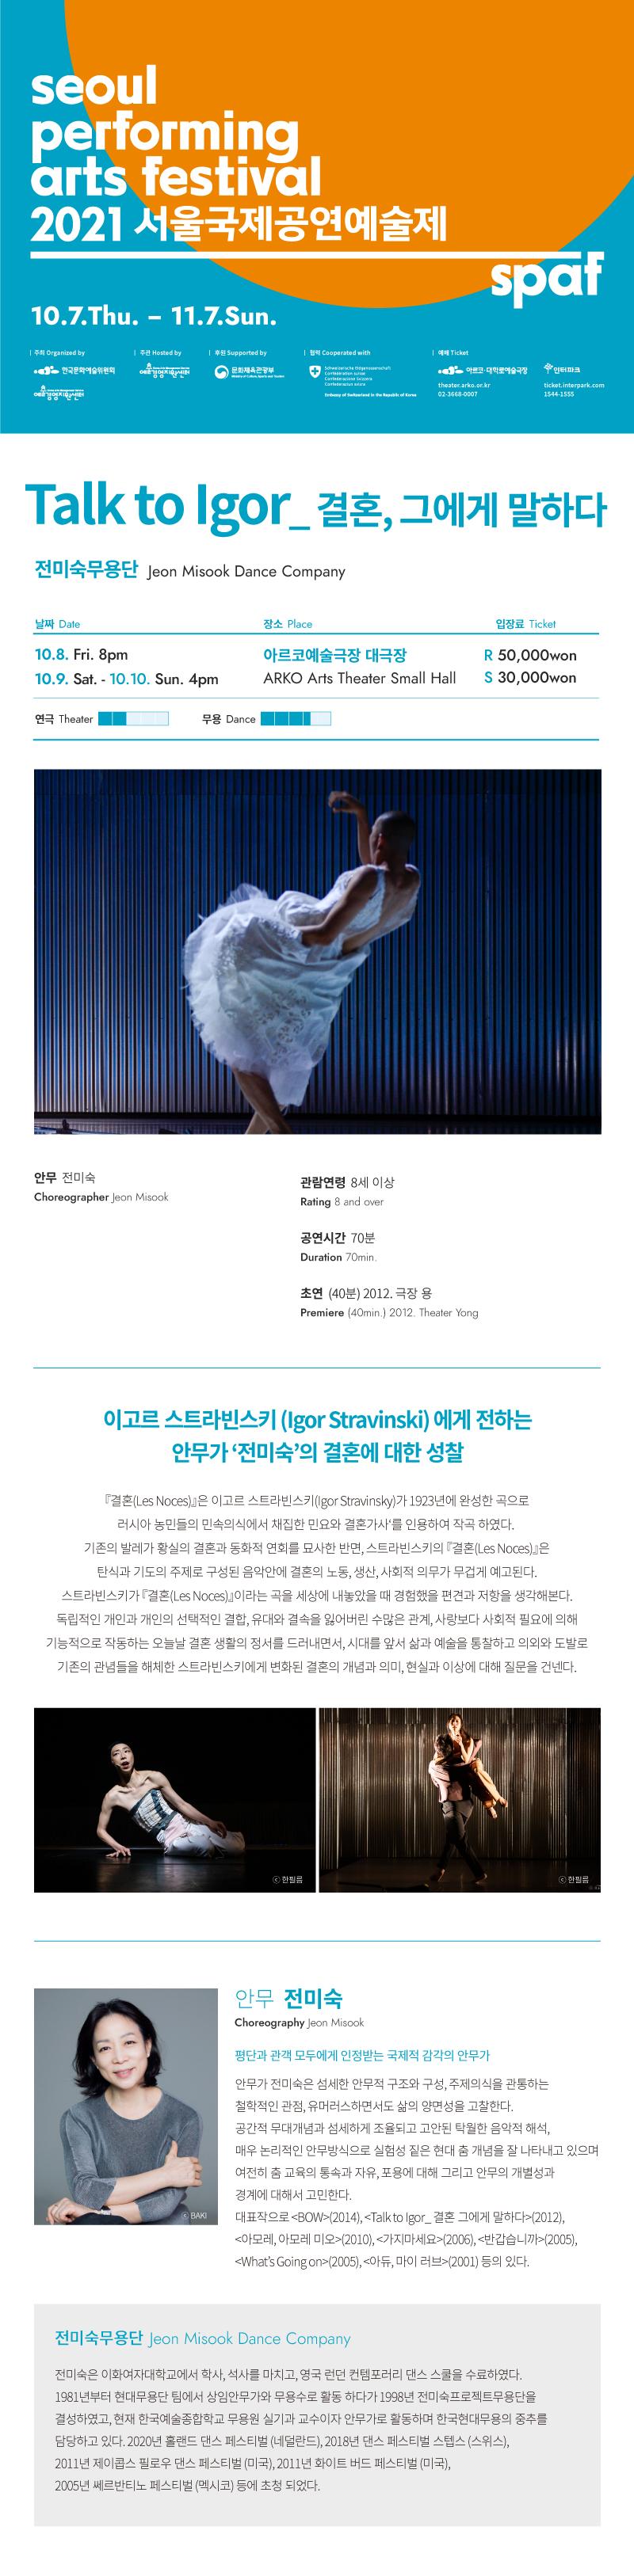 01._공연소개_3.jpg